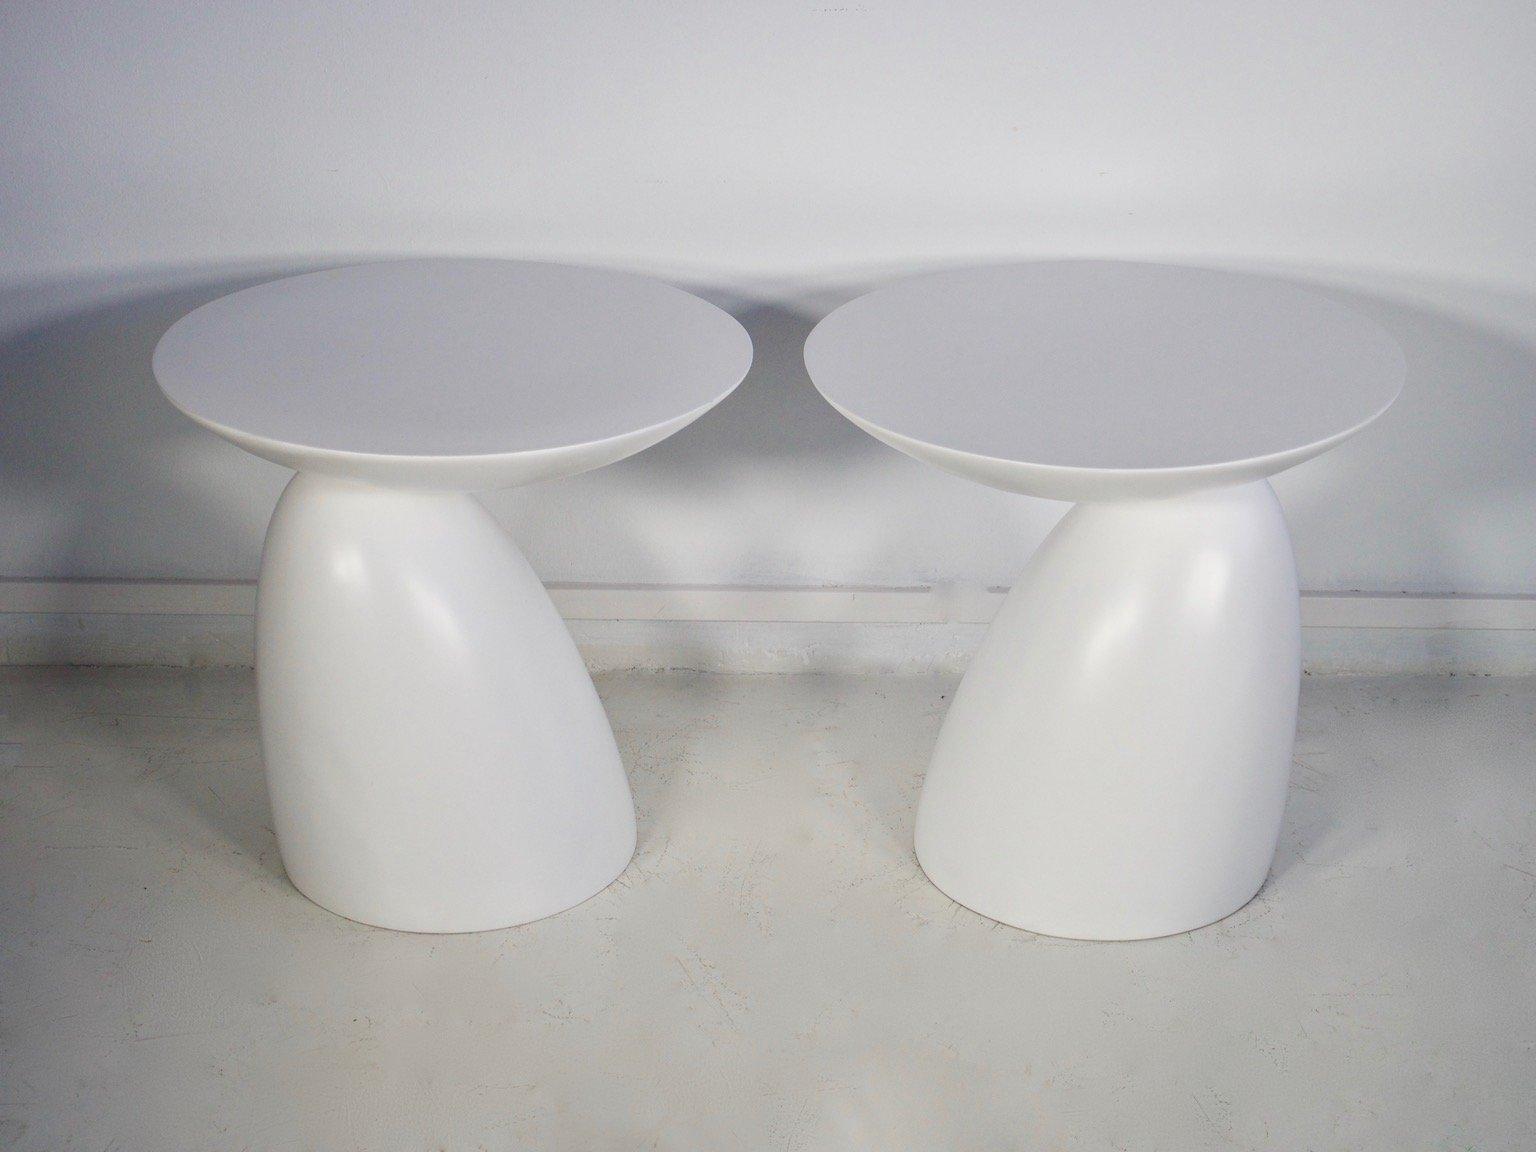 runde wei e fiberglas beistelltische 1980er 2er set bei pamono kaufen. Black Bedroom Furniture Sets. Home Design Ideas